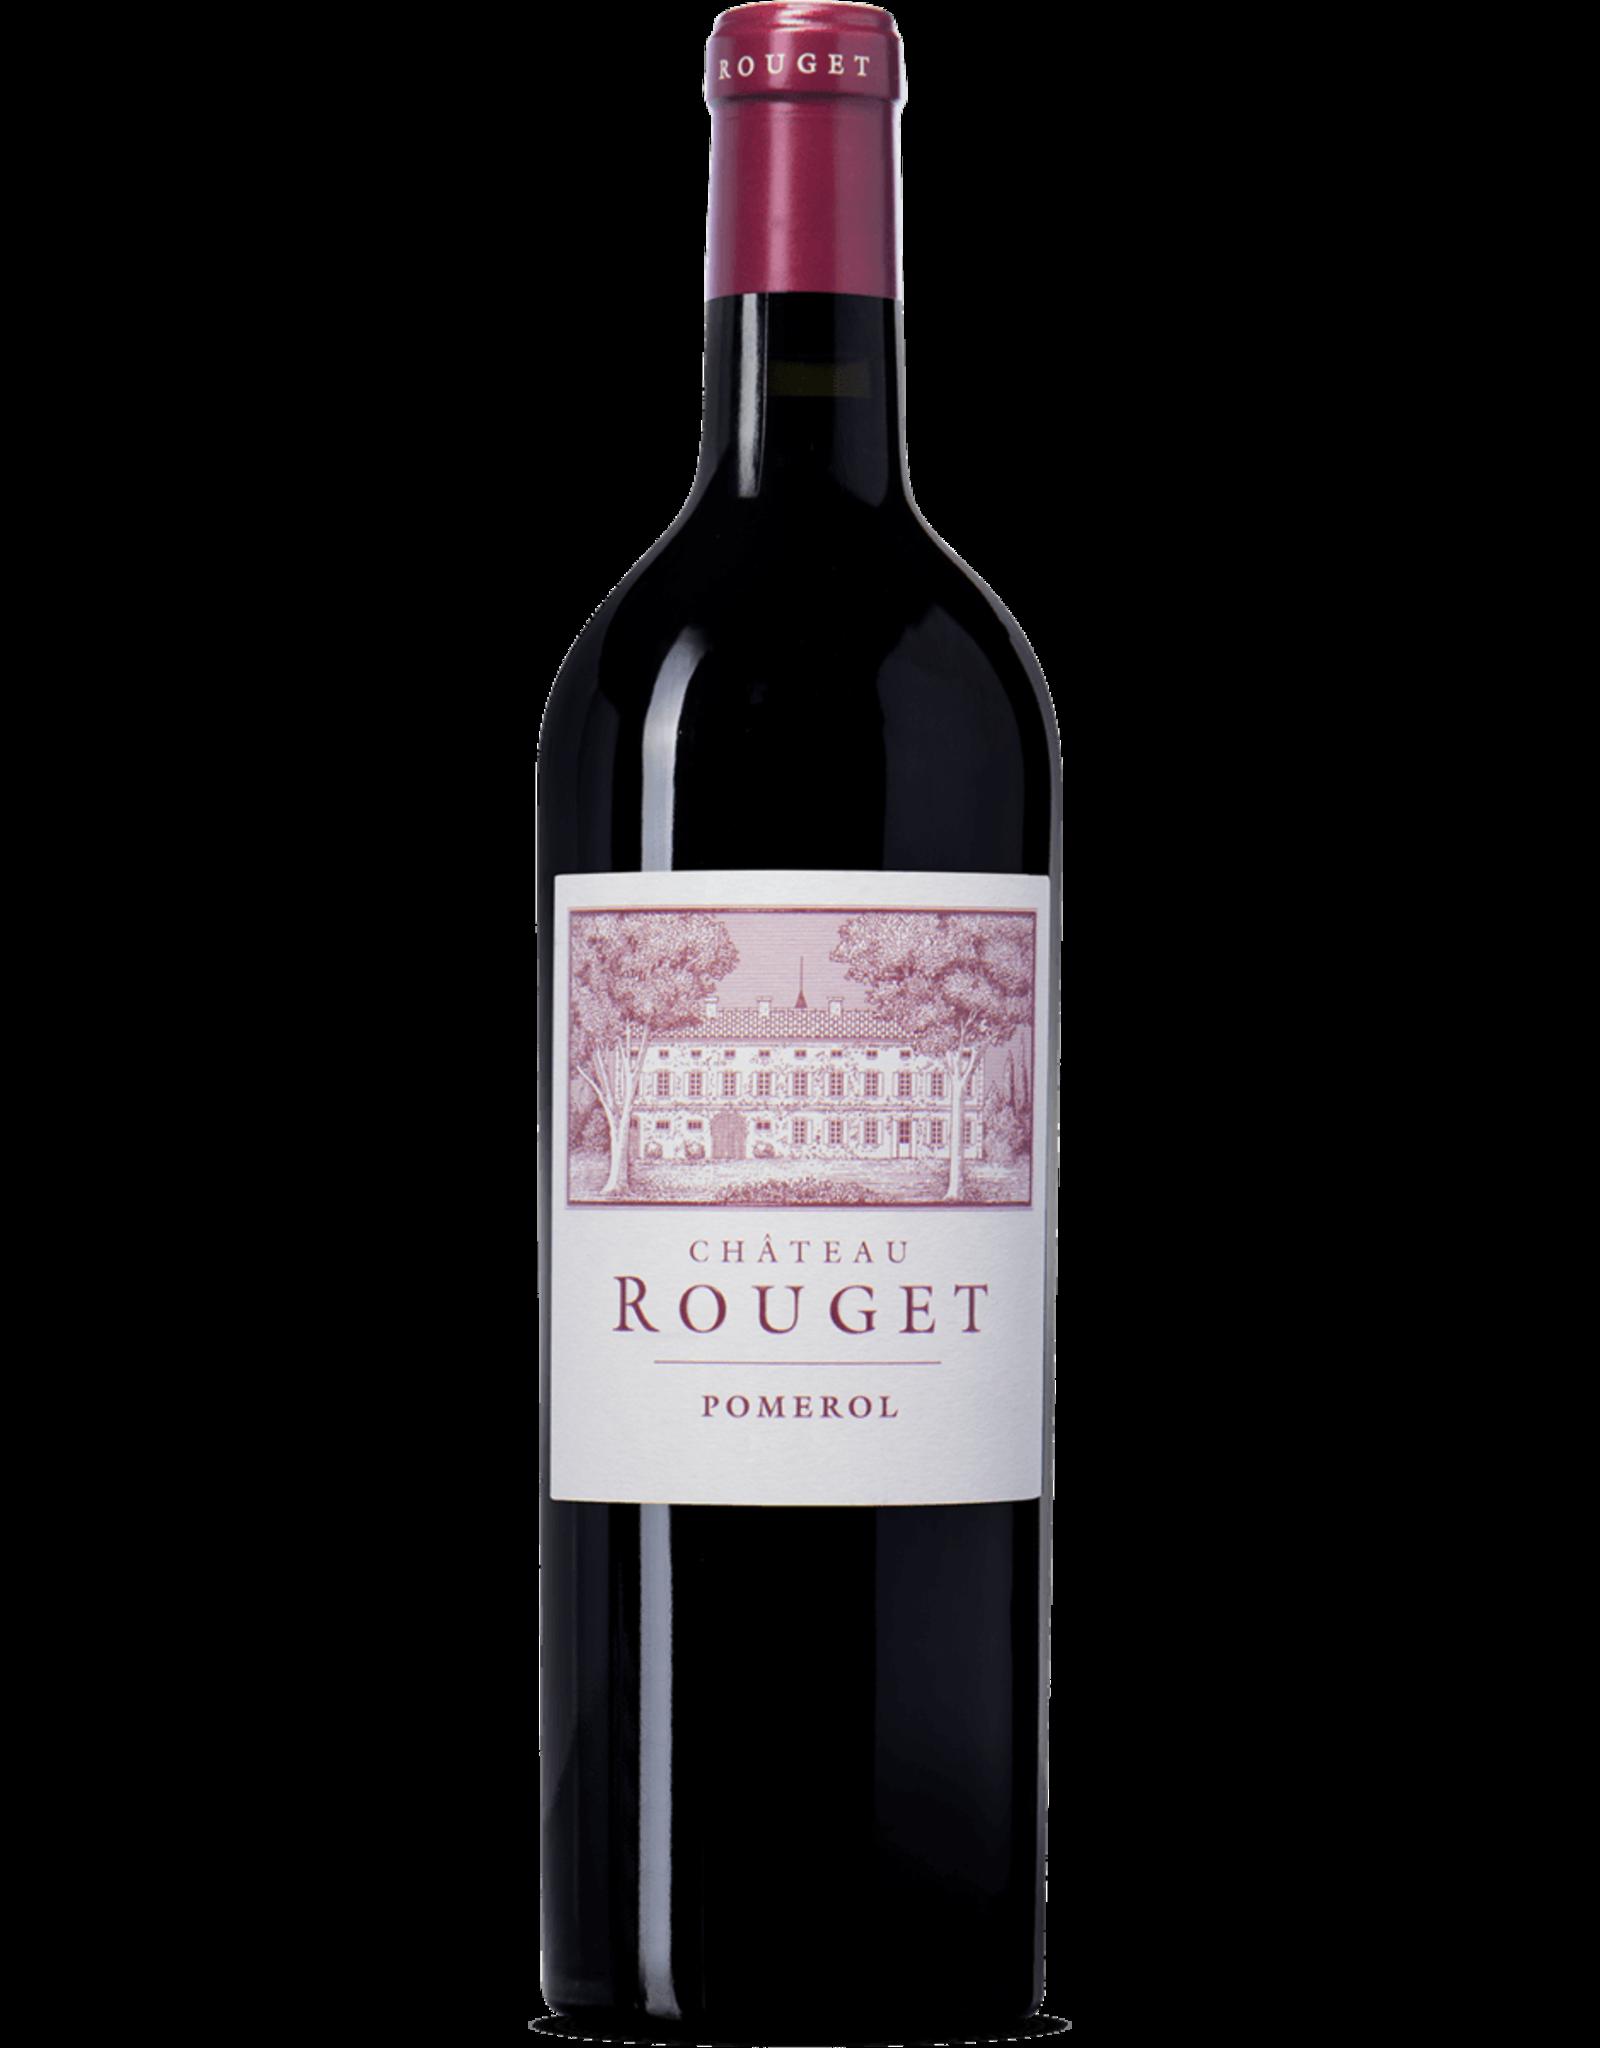 Château Rouget Château Rouget 2006 - 0,375l - Pomerol